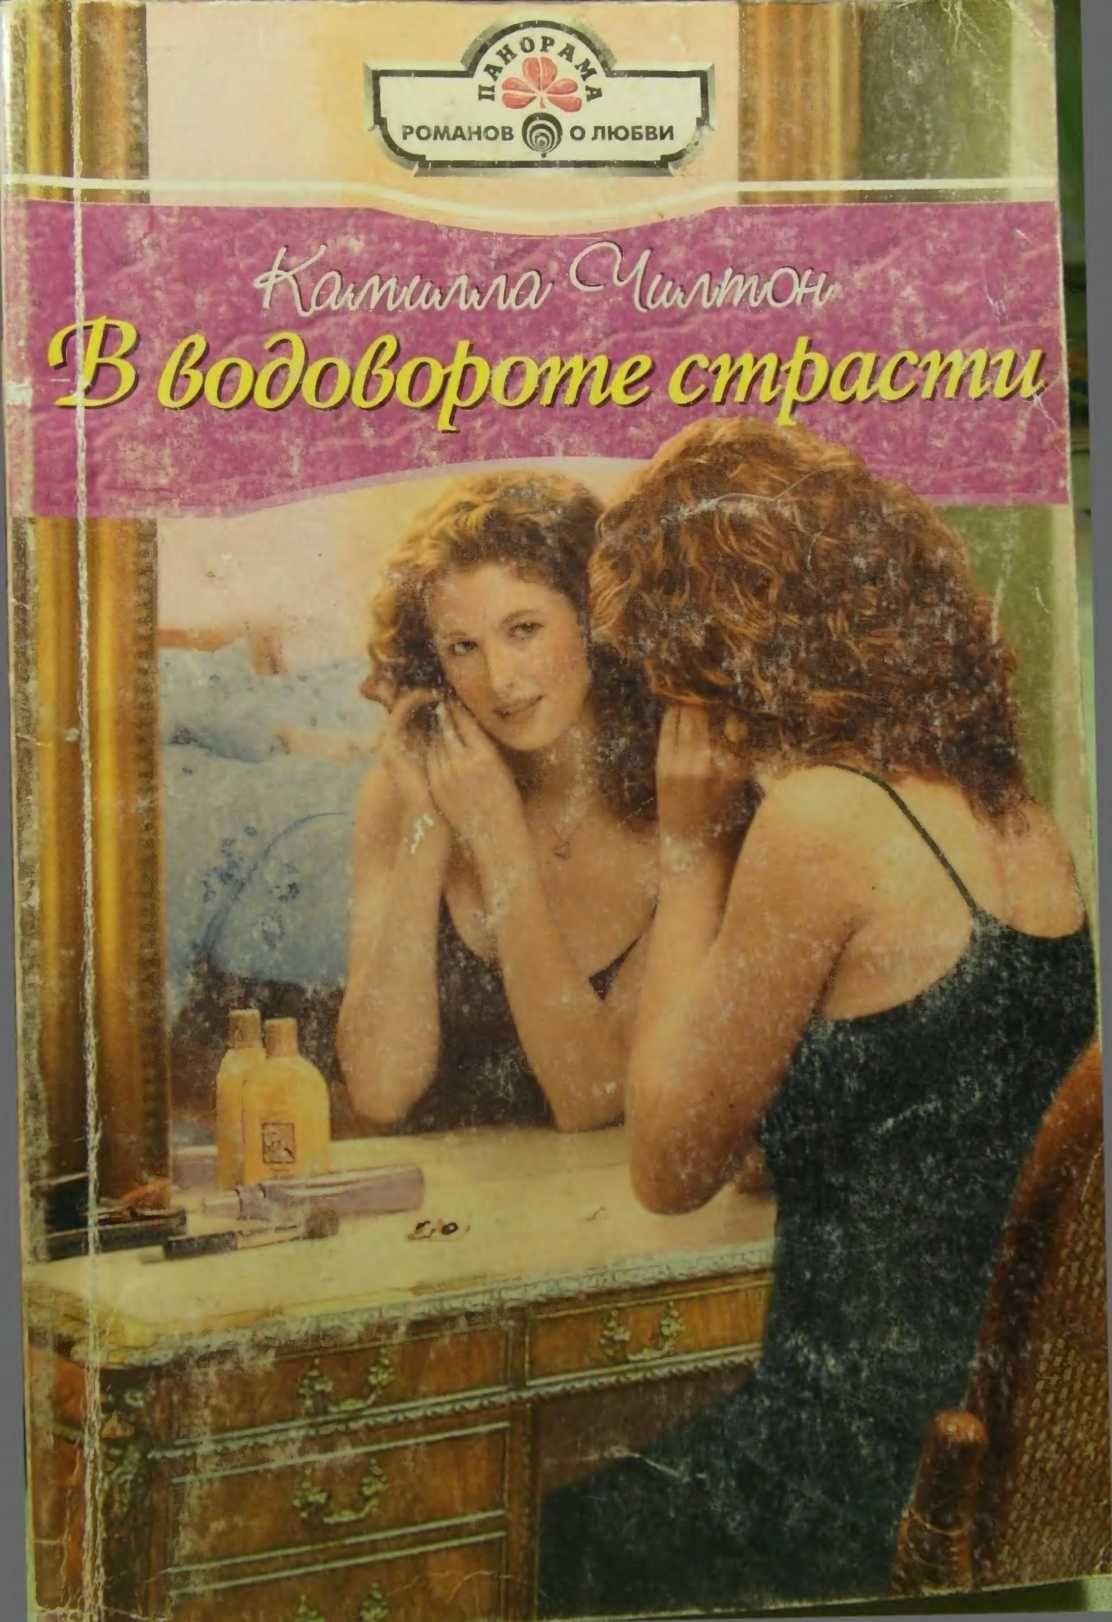 ОБ АВТОРАХ  ЛГБТ КНИГИ  VK